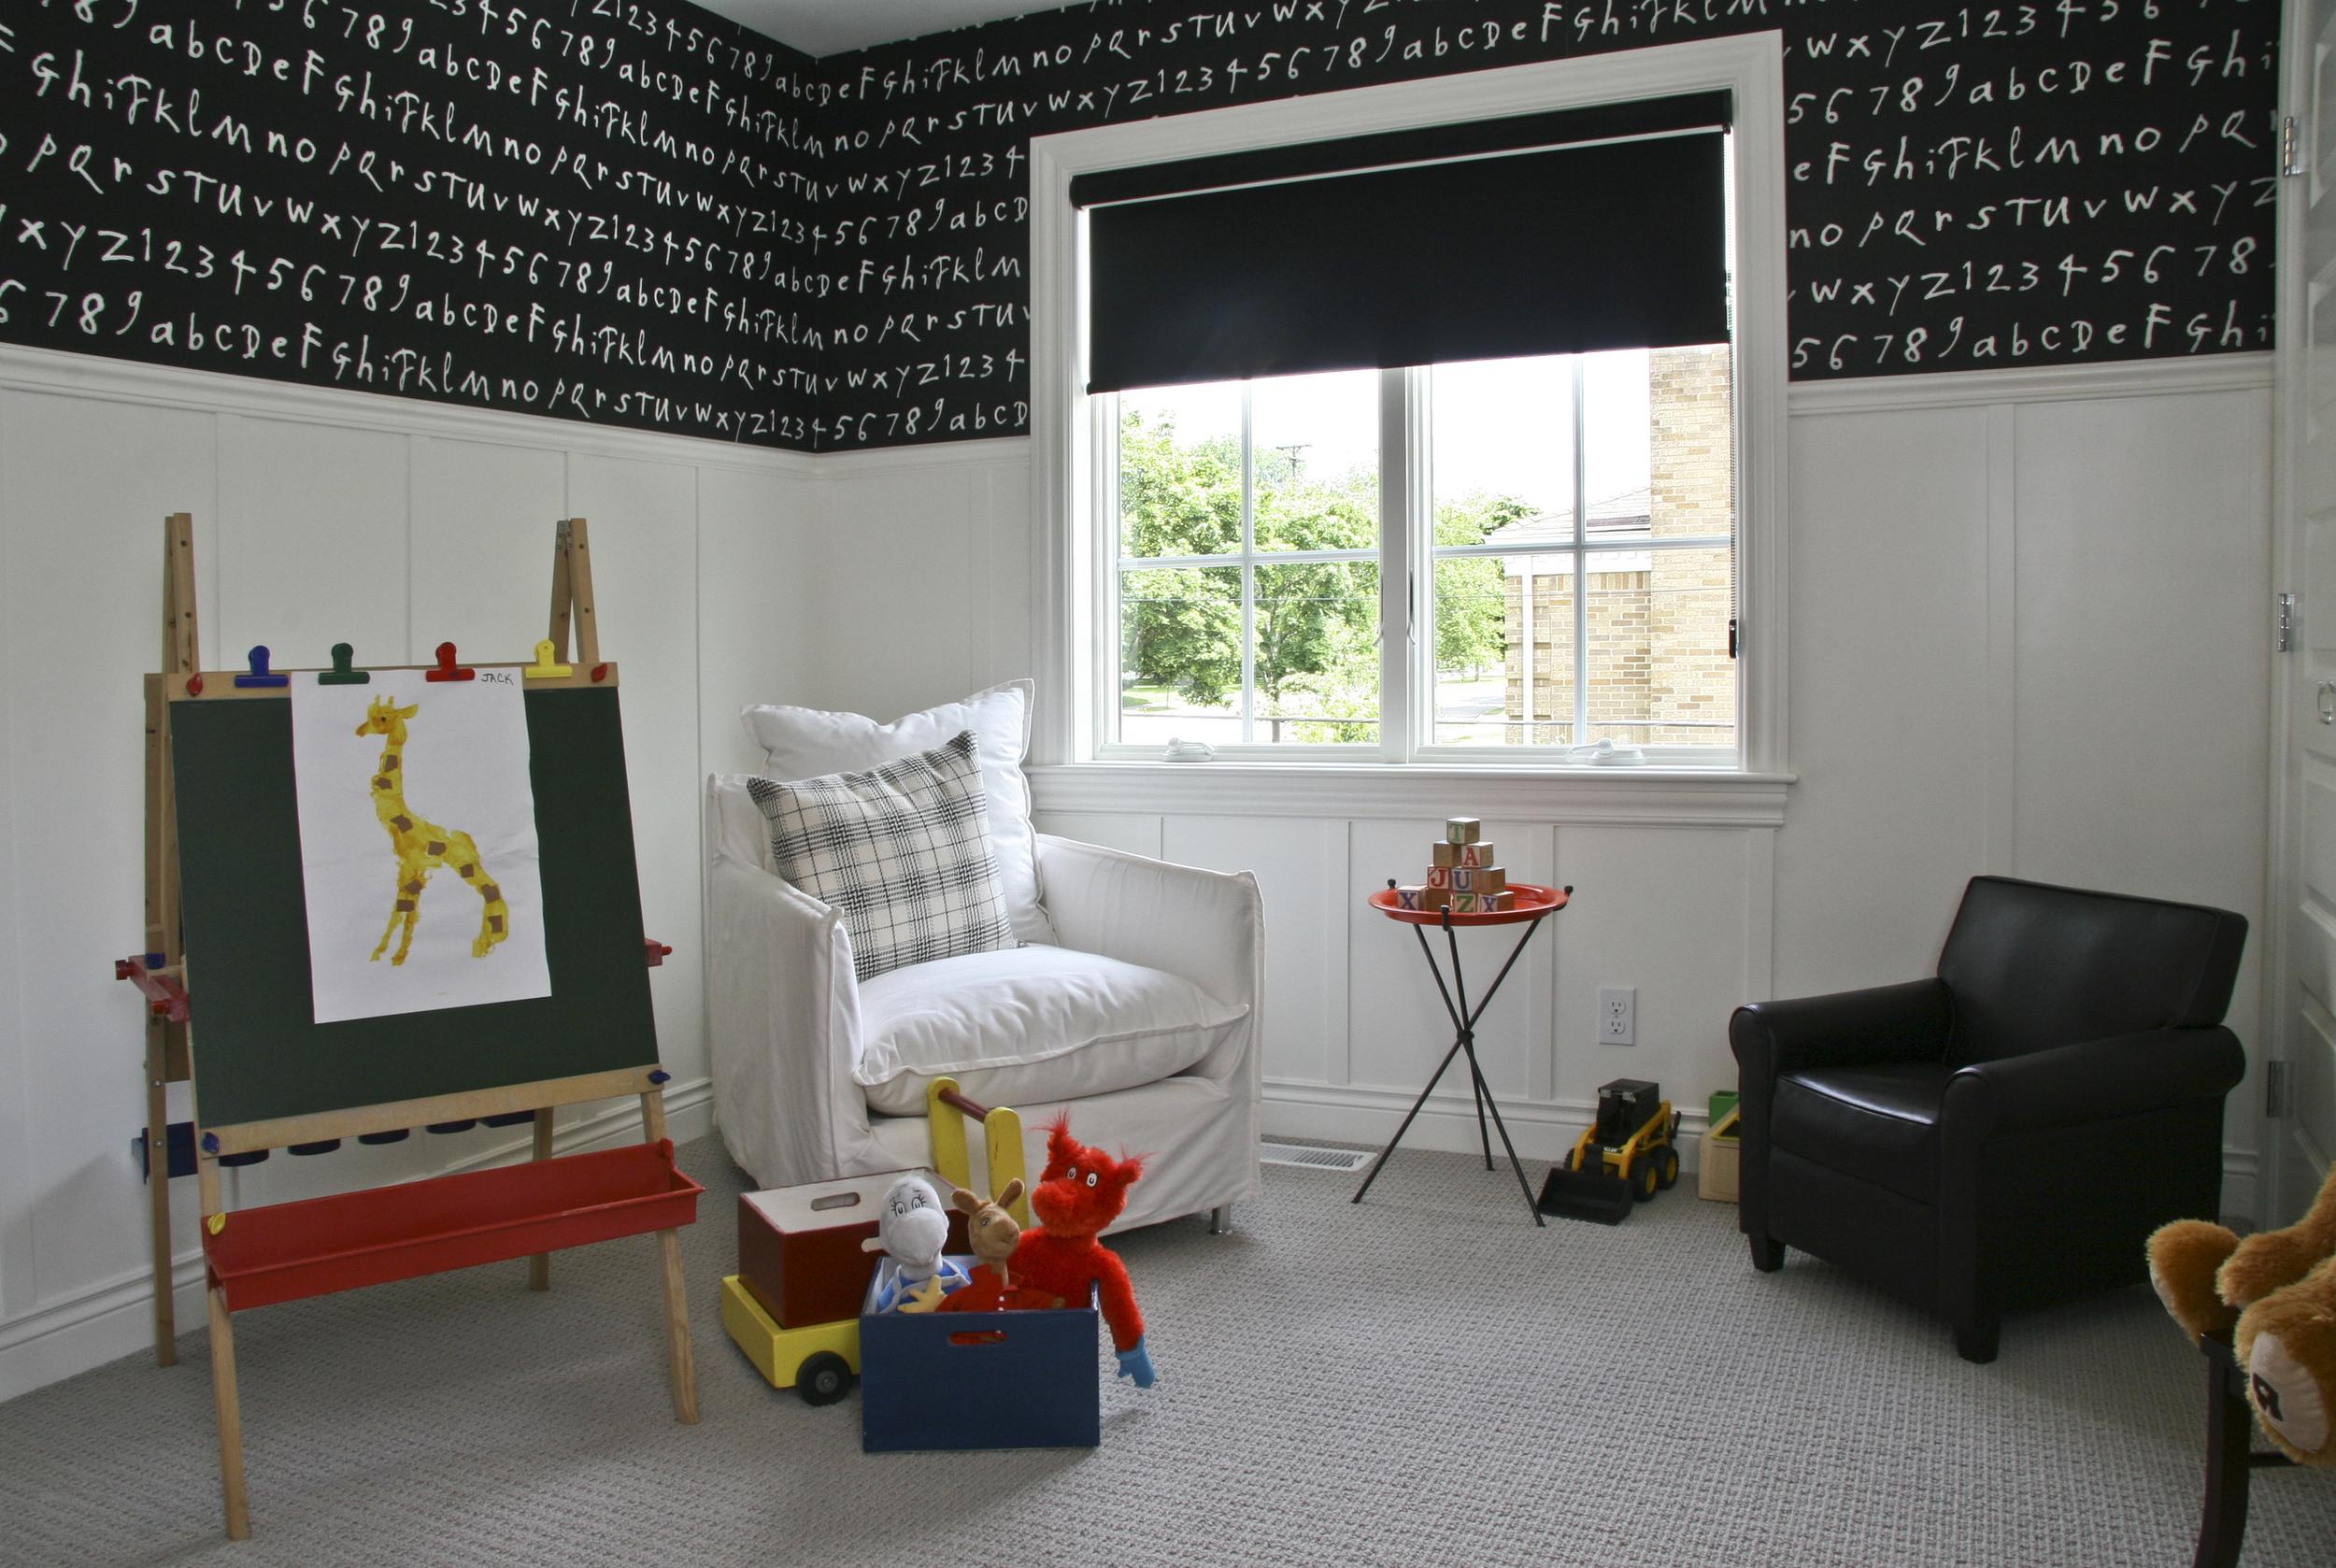 Kid's room IMG_4106-1.jpg